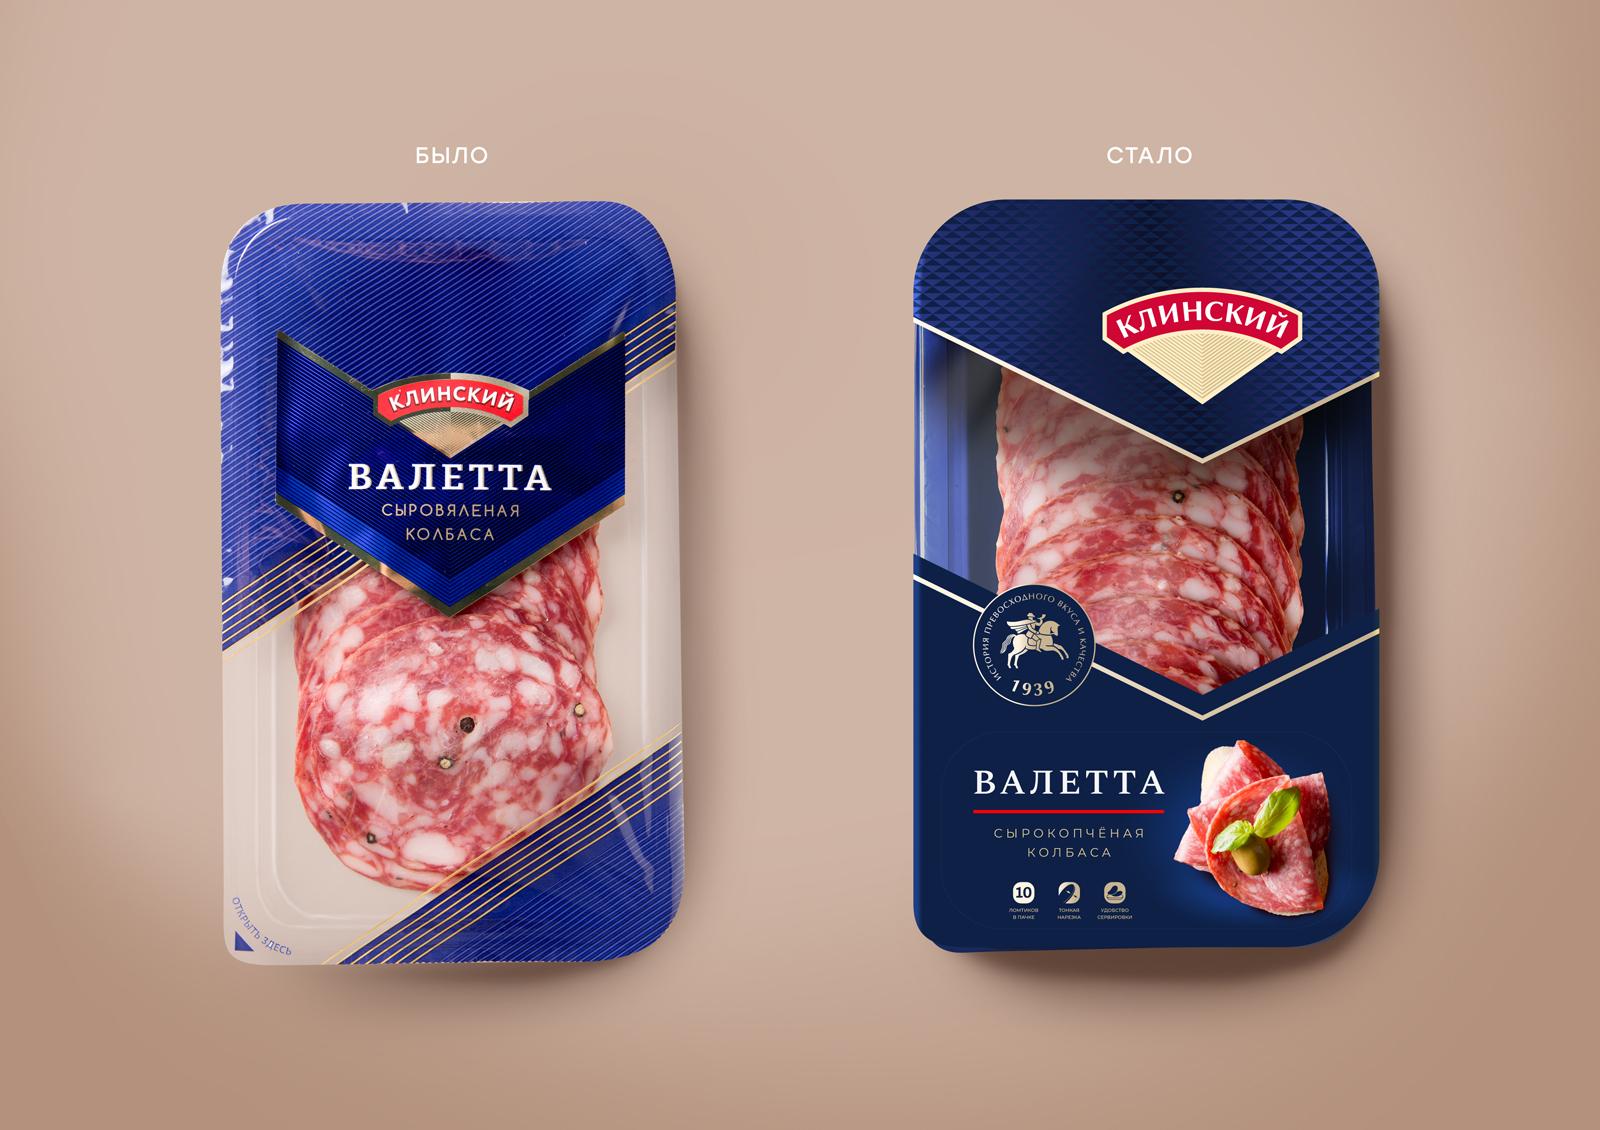 Очевидная эволюция бренда «Клинский» из массового сегмента в премиальный